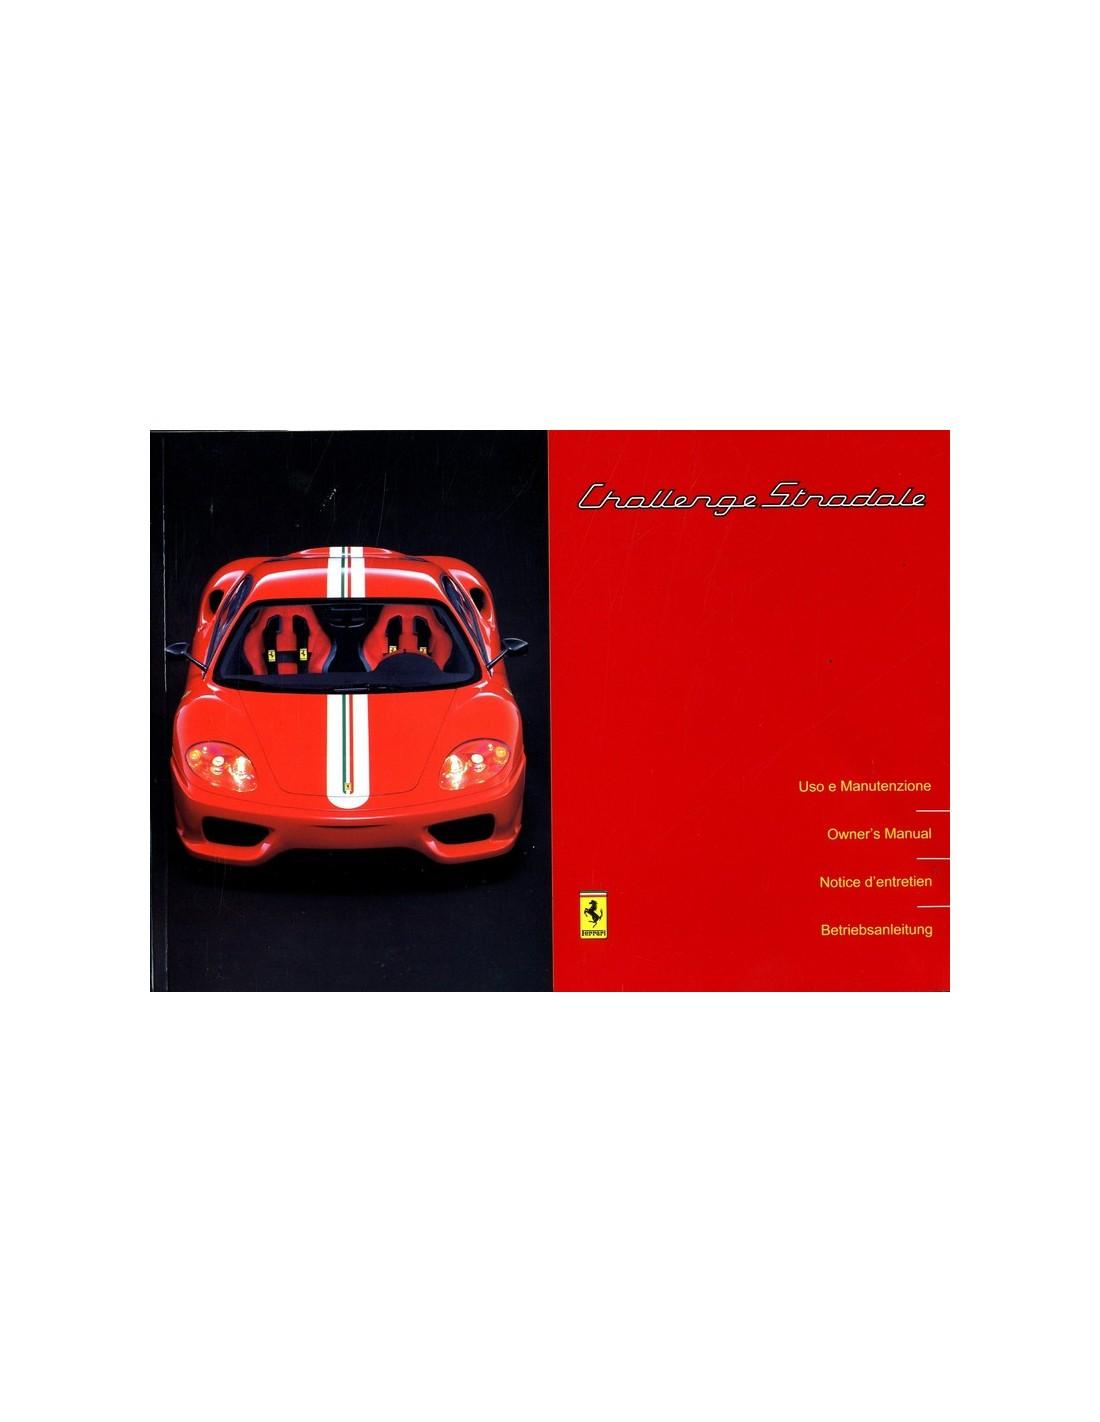 Ferrari Repair Manuals: 2003 FERRARI CHALLENGE STRADALE OWNERS MANUAL 1929/03